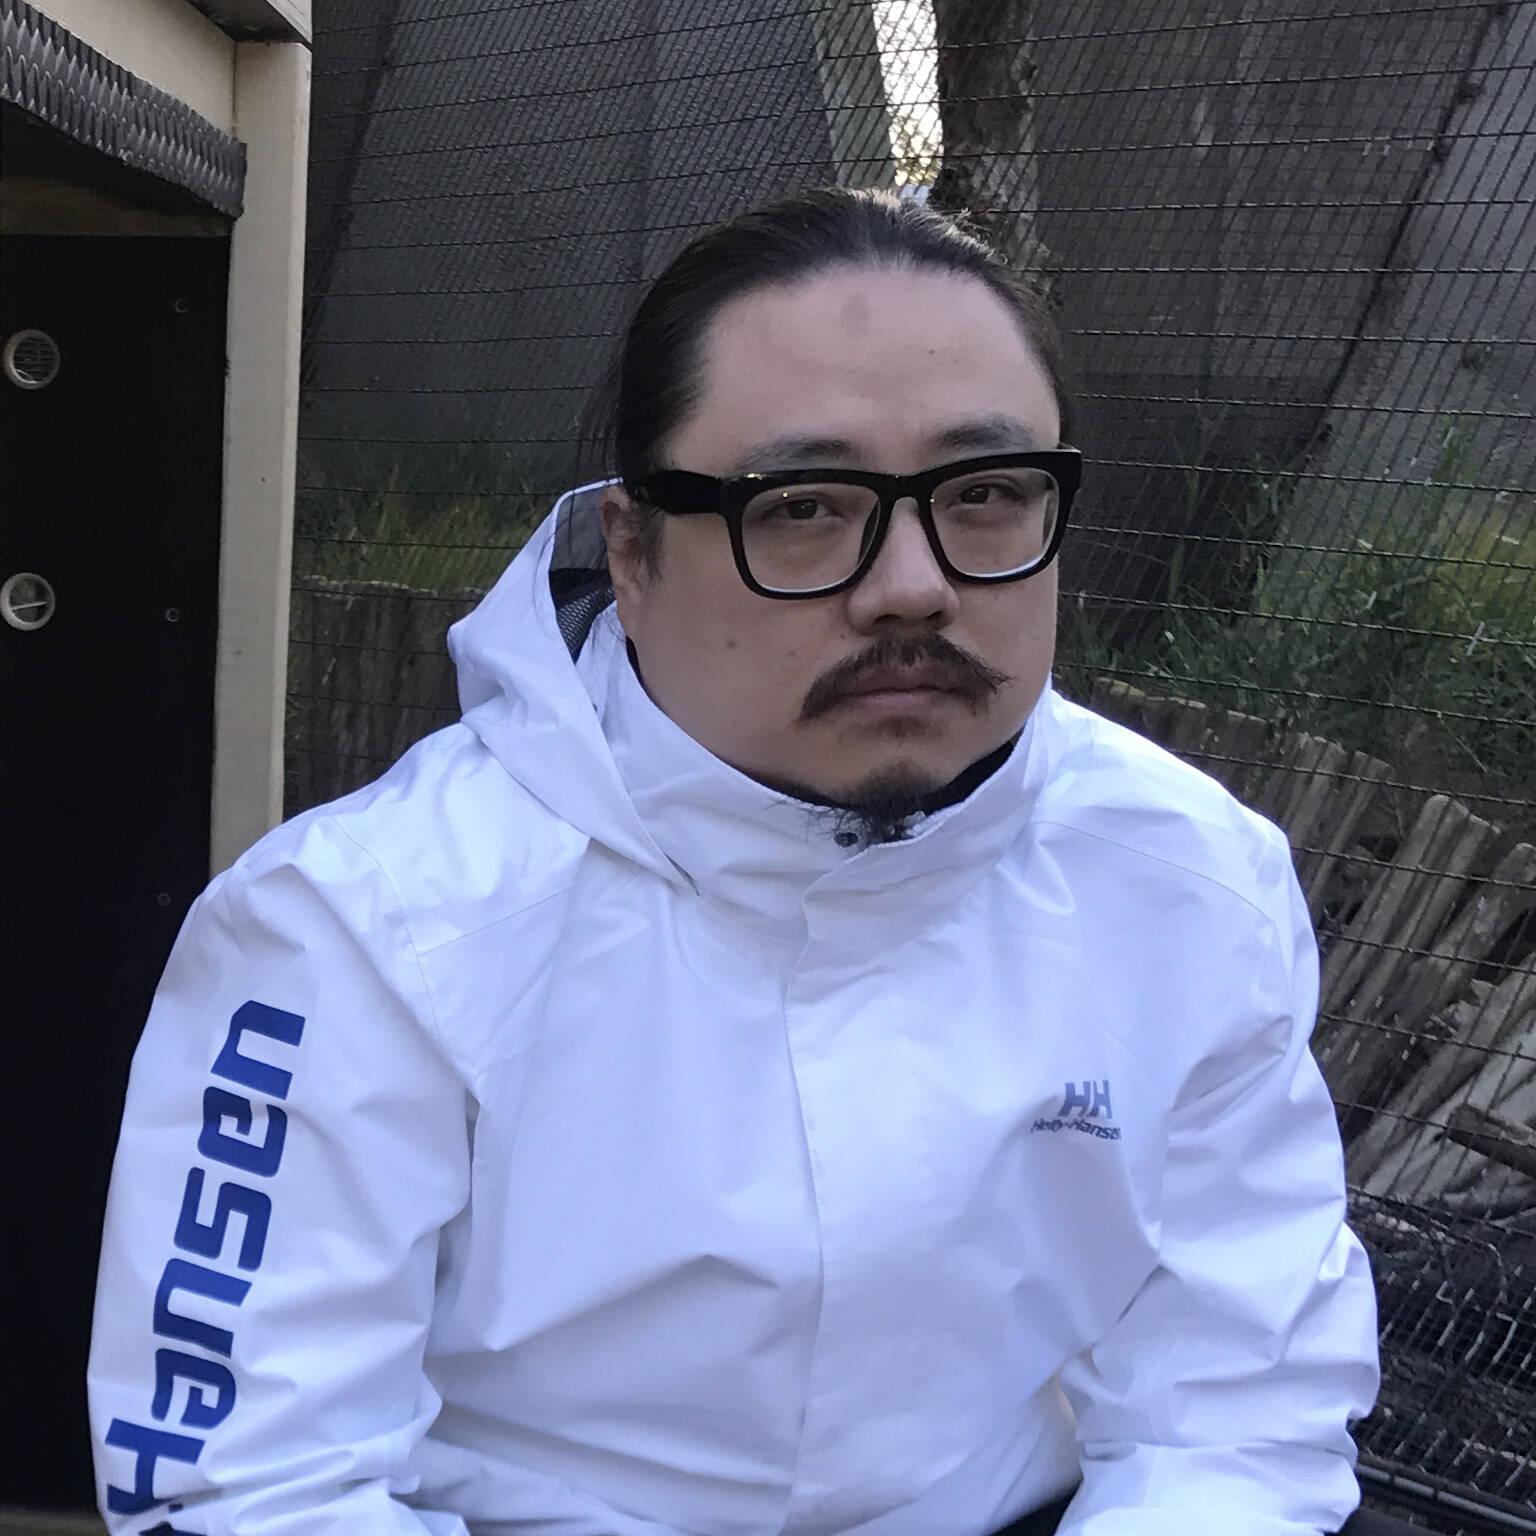 Photo of Gooooose